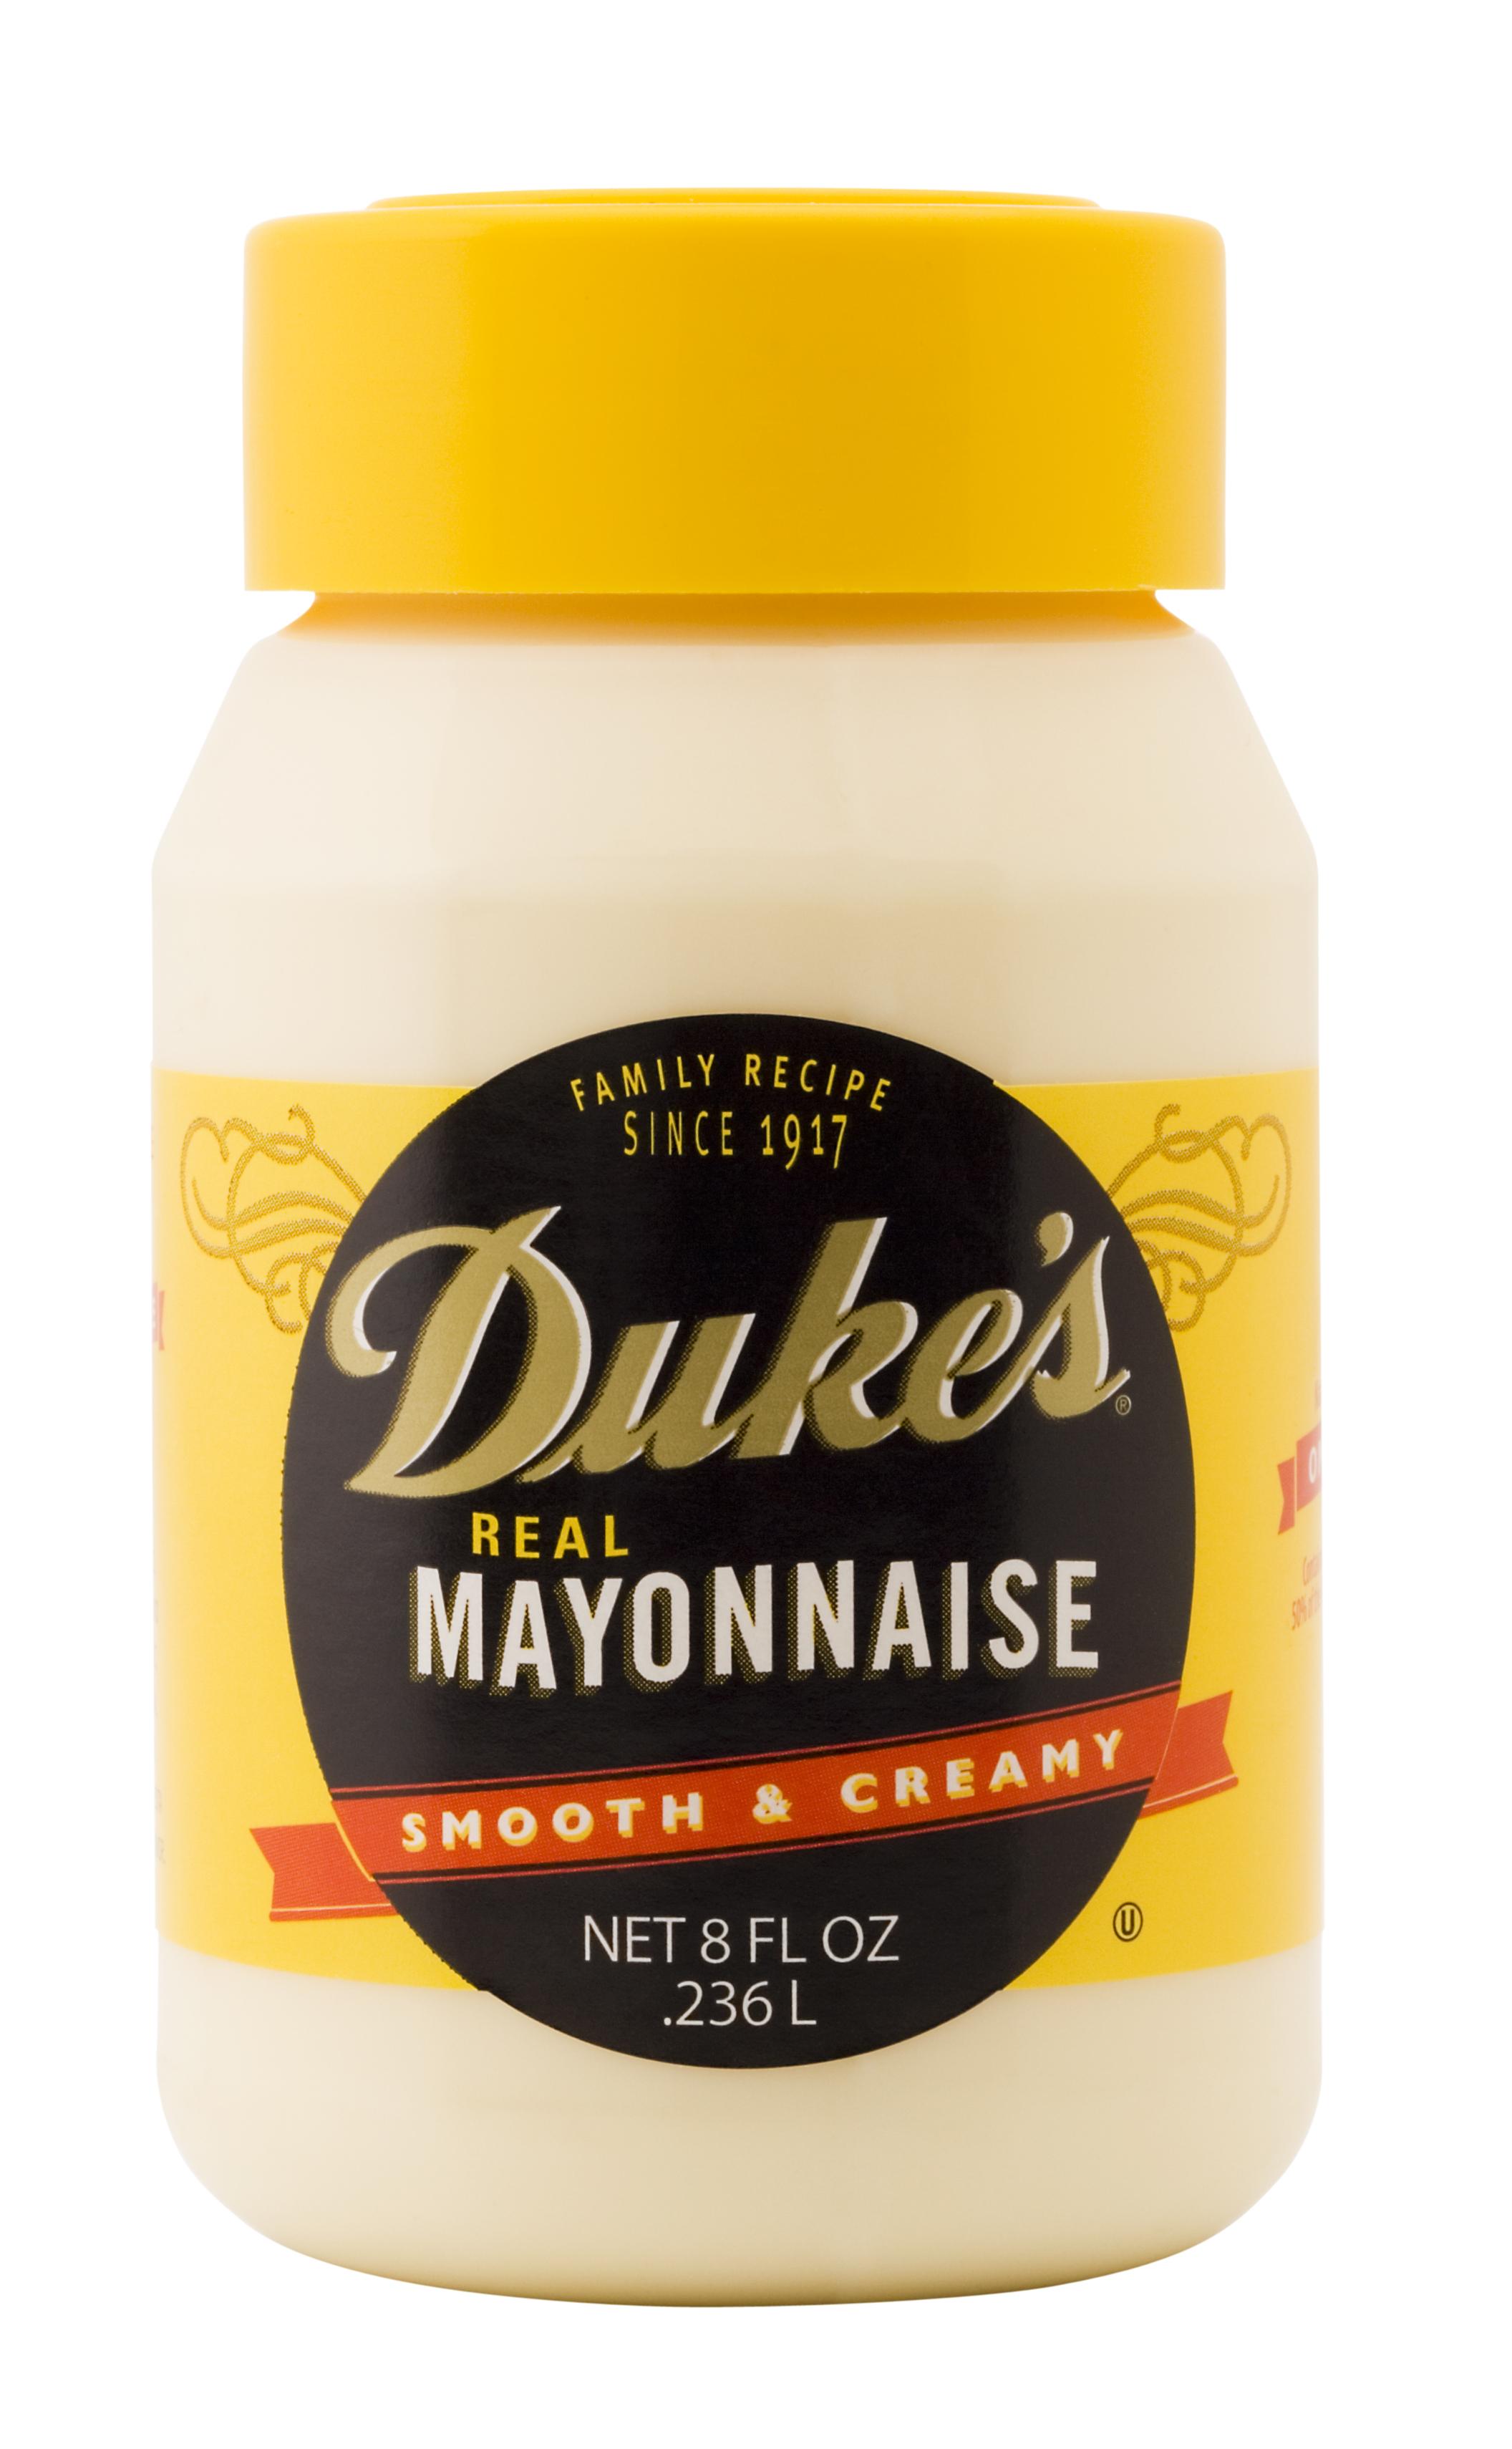 8oz_Duke's_Mayo